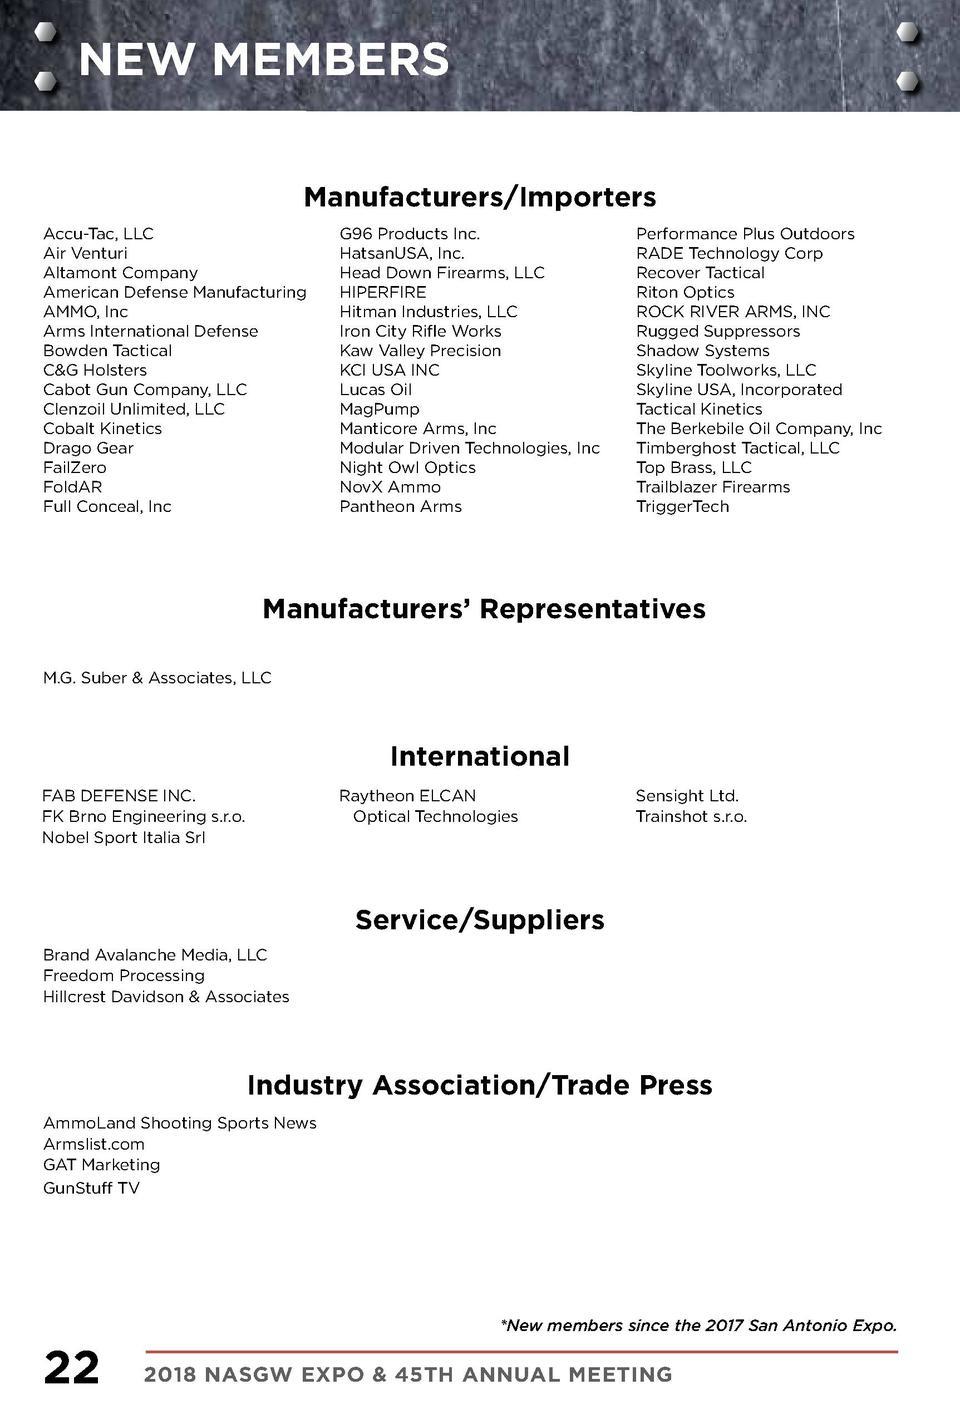 NASGW 2018 Member Directory : simplebooklet com